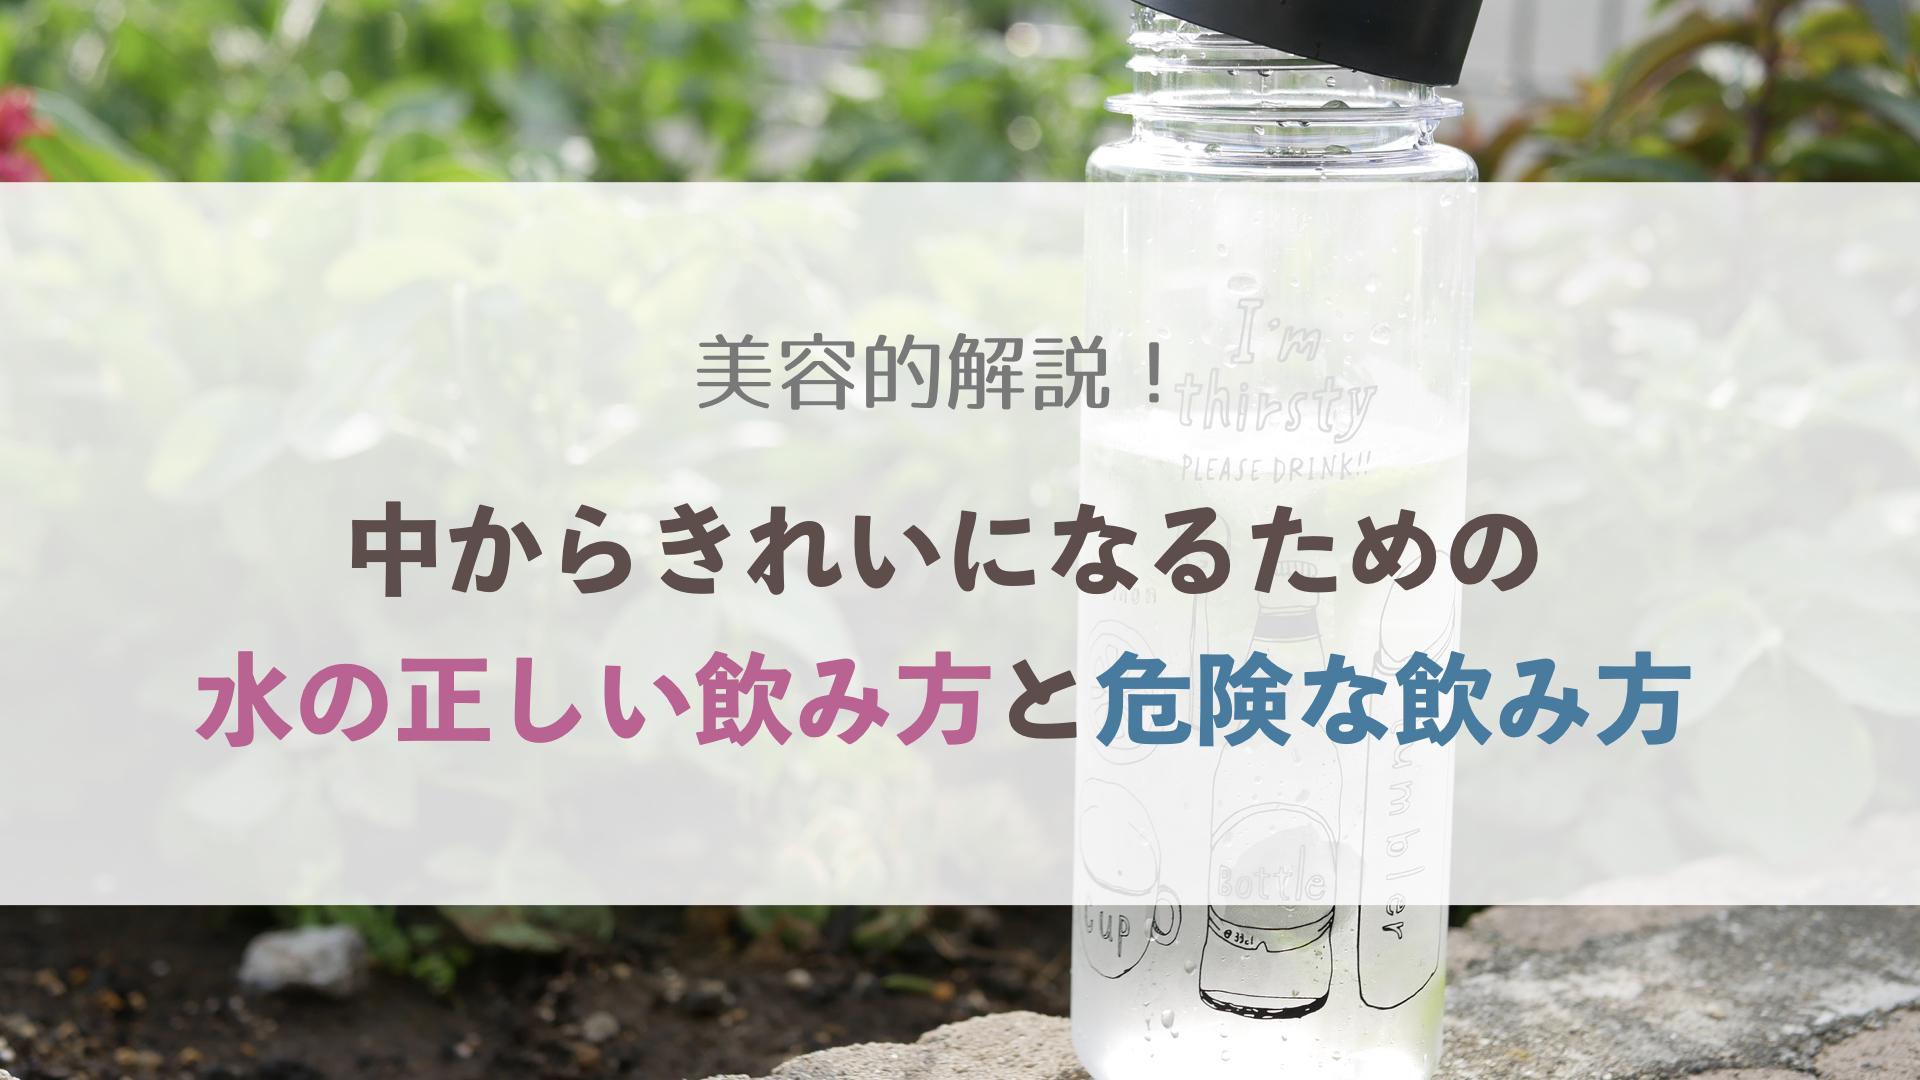 美容的解説!中からきれいになるための水の正しい飲み方と危険な飲み方